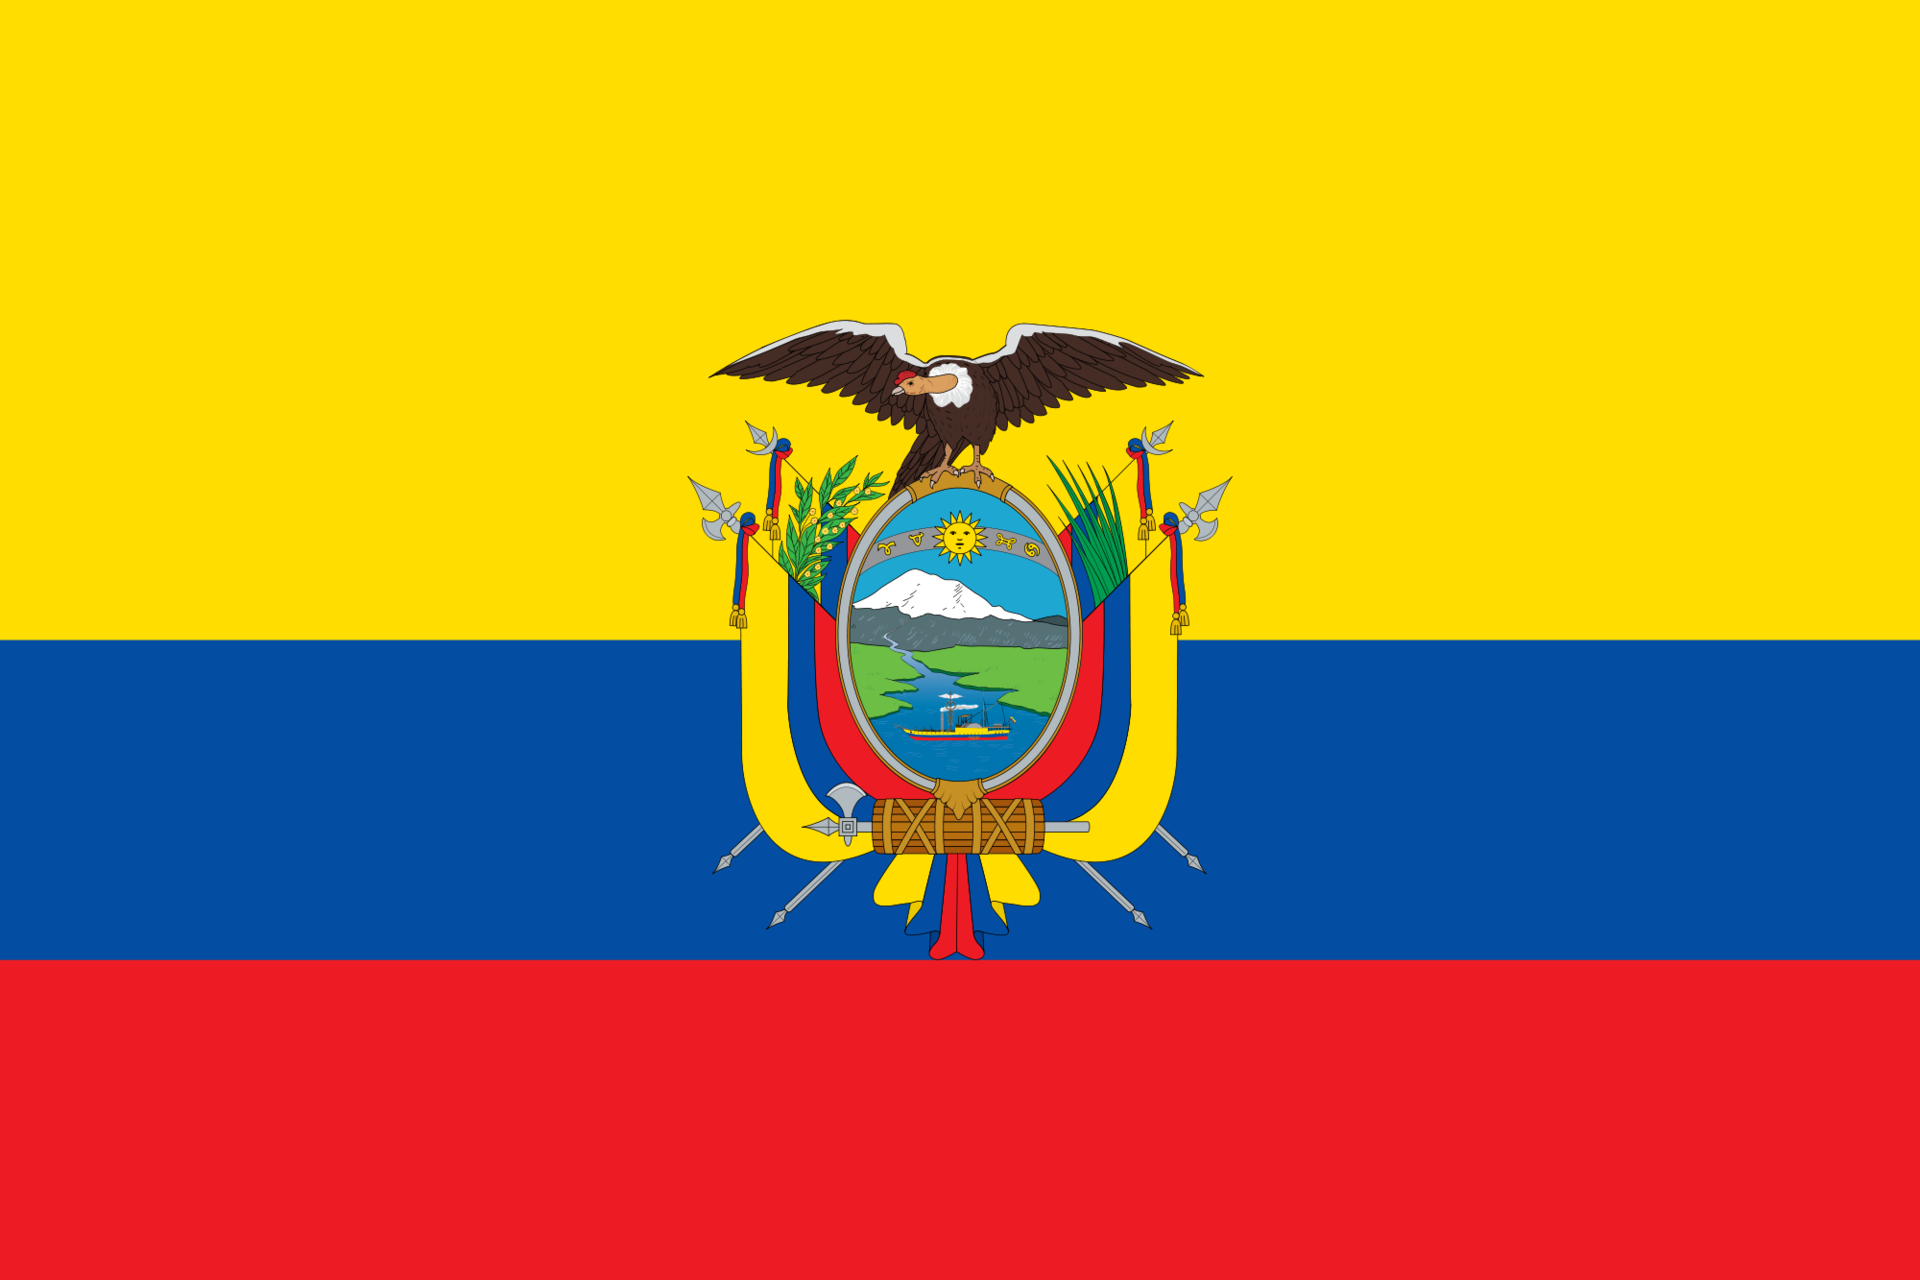 Tafelvlaggen Ecuador | Ecuadoriaans tafel vlaggetje 10x15cm kopen bij Vlaggenclub